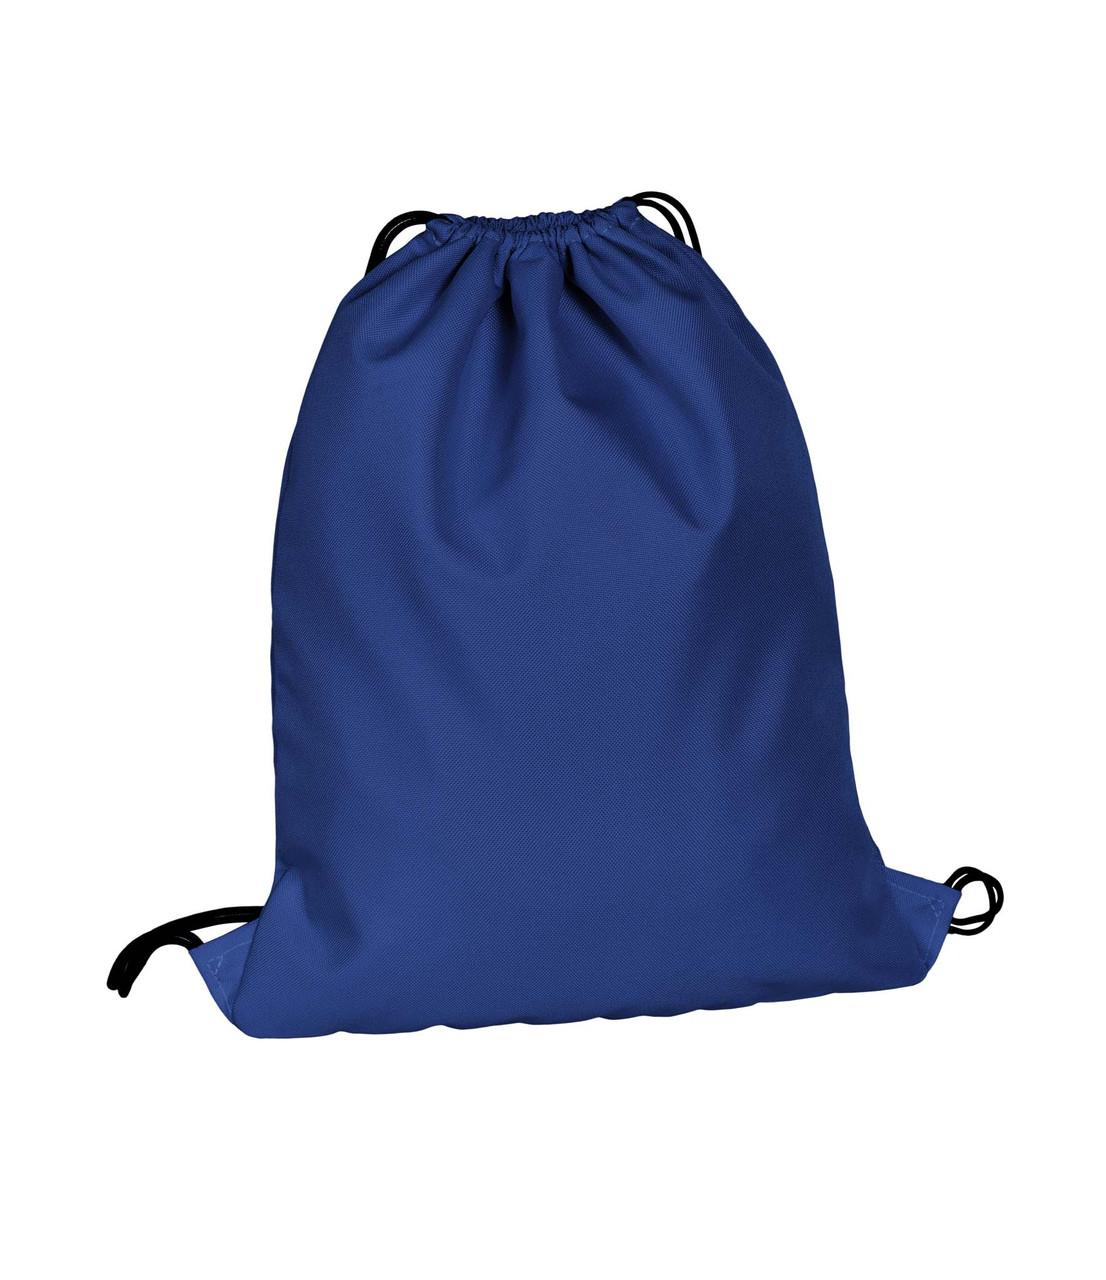 479353c5713c Рюкзак мешок универсальный ярко-синий Surikat (сумка мешок, спортивный, для  обуви, женский, мужской, мішок), цена 115 грн., купить в Луцке — Prom.ua ...